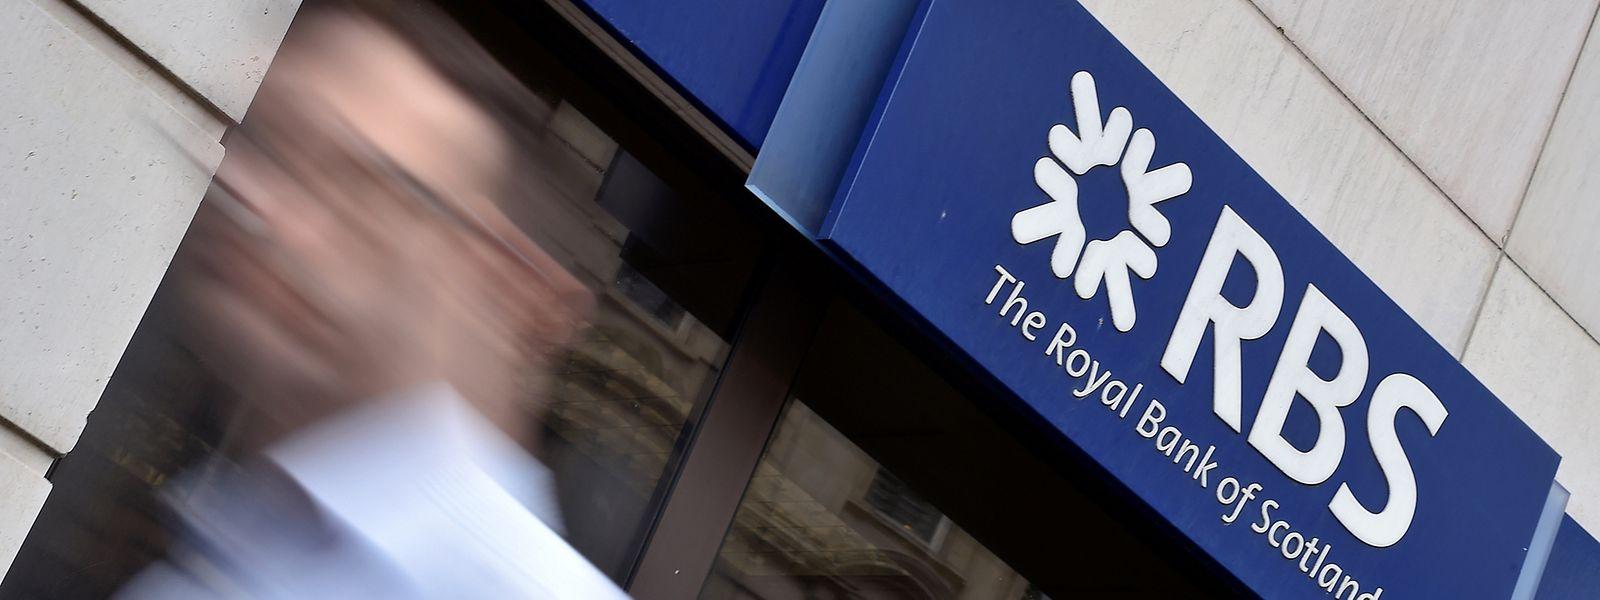 Die RBS sei durchgefallen und muss jetzt bei ihren Kapitalplänen nachbessern, teilte die britische Notenbank (BoE) am Mittwoch in London mit.